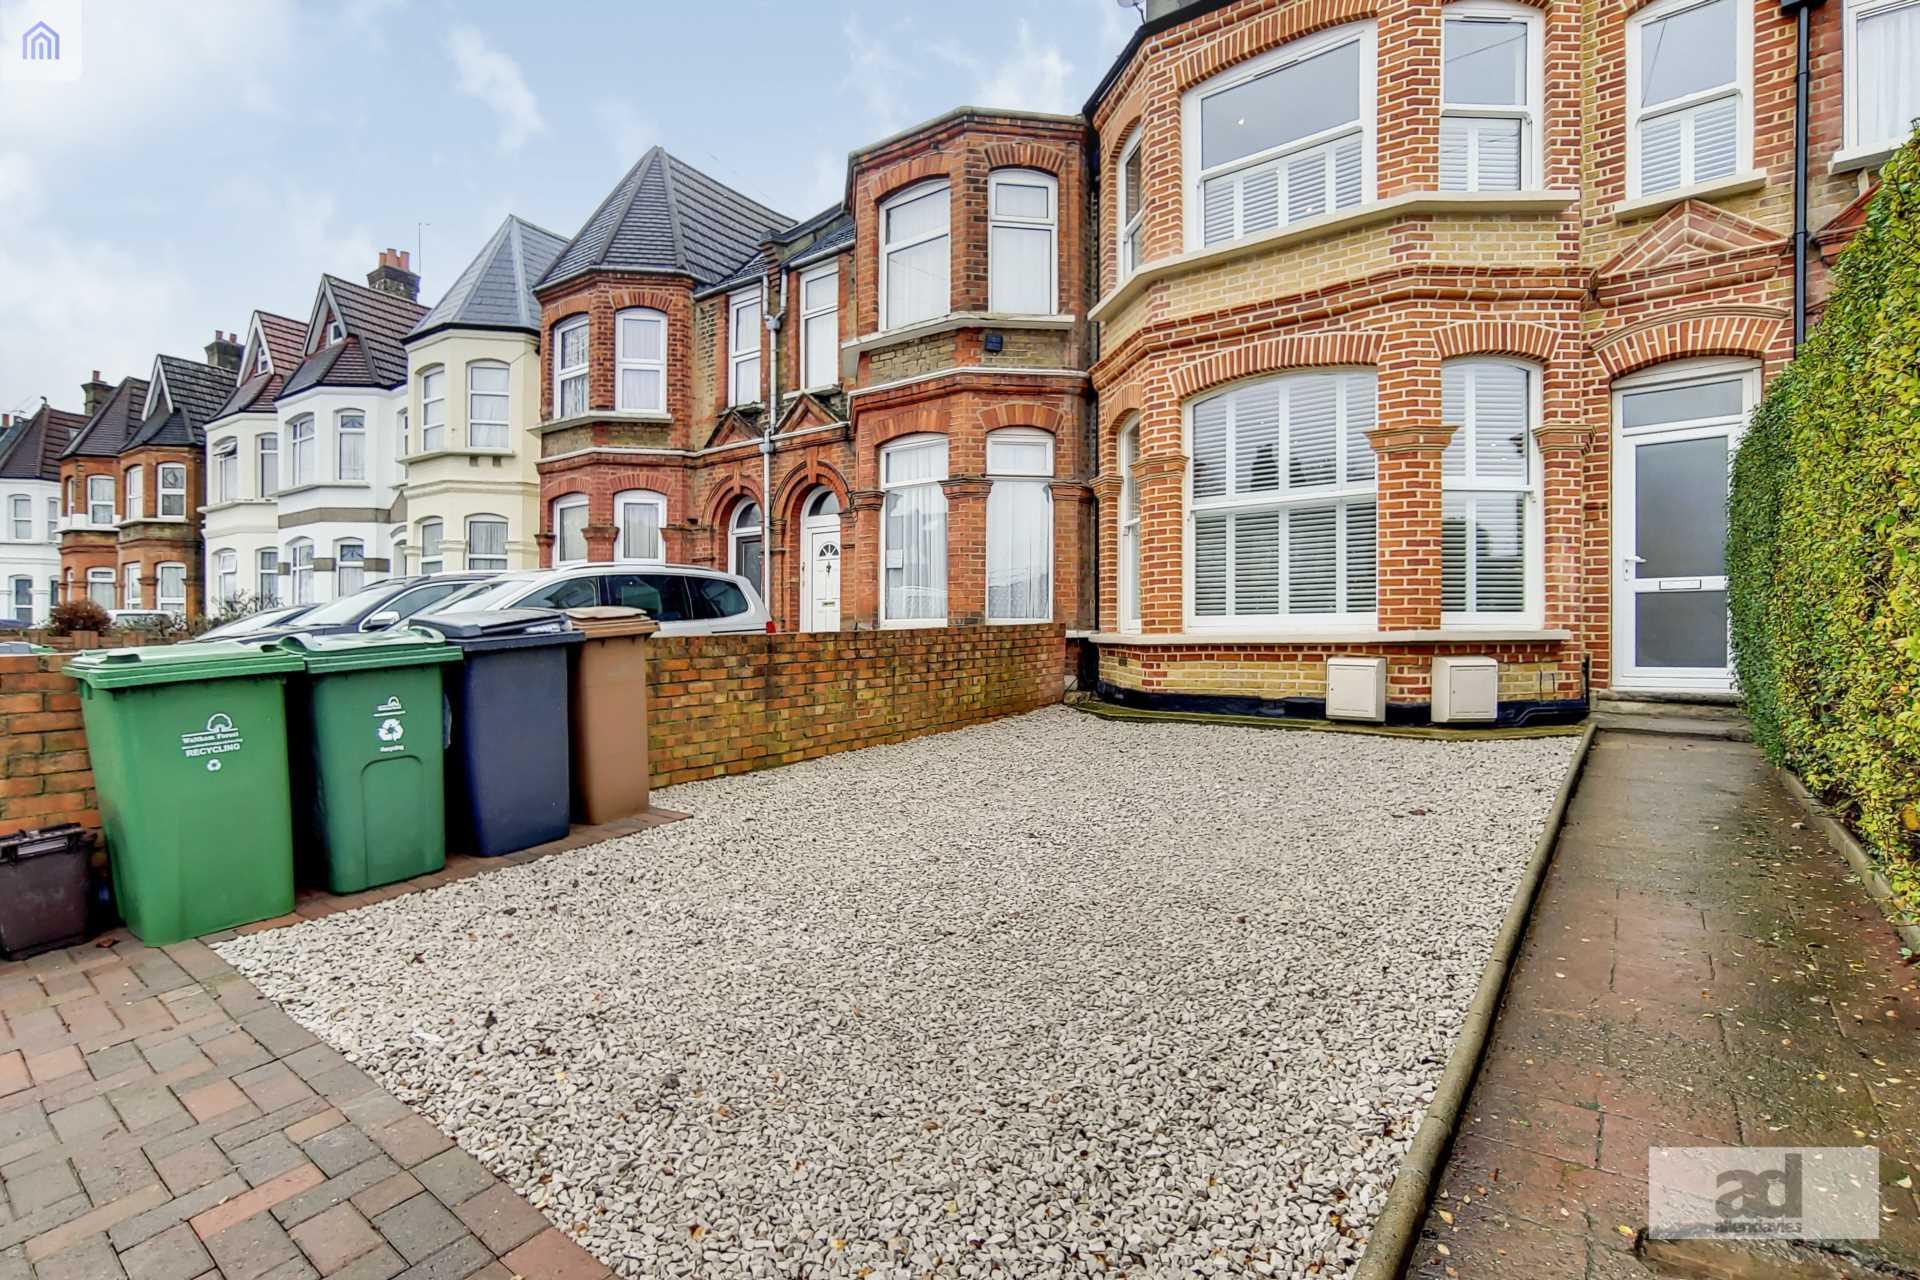 Fillebrook Road, Leytonstone, Image 12